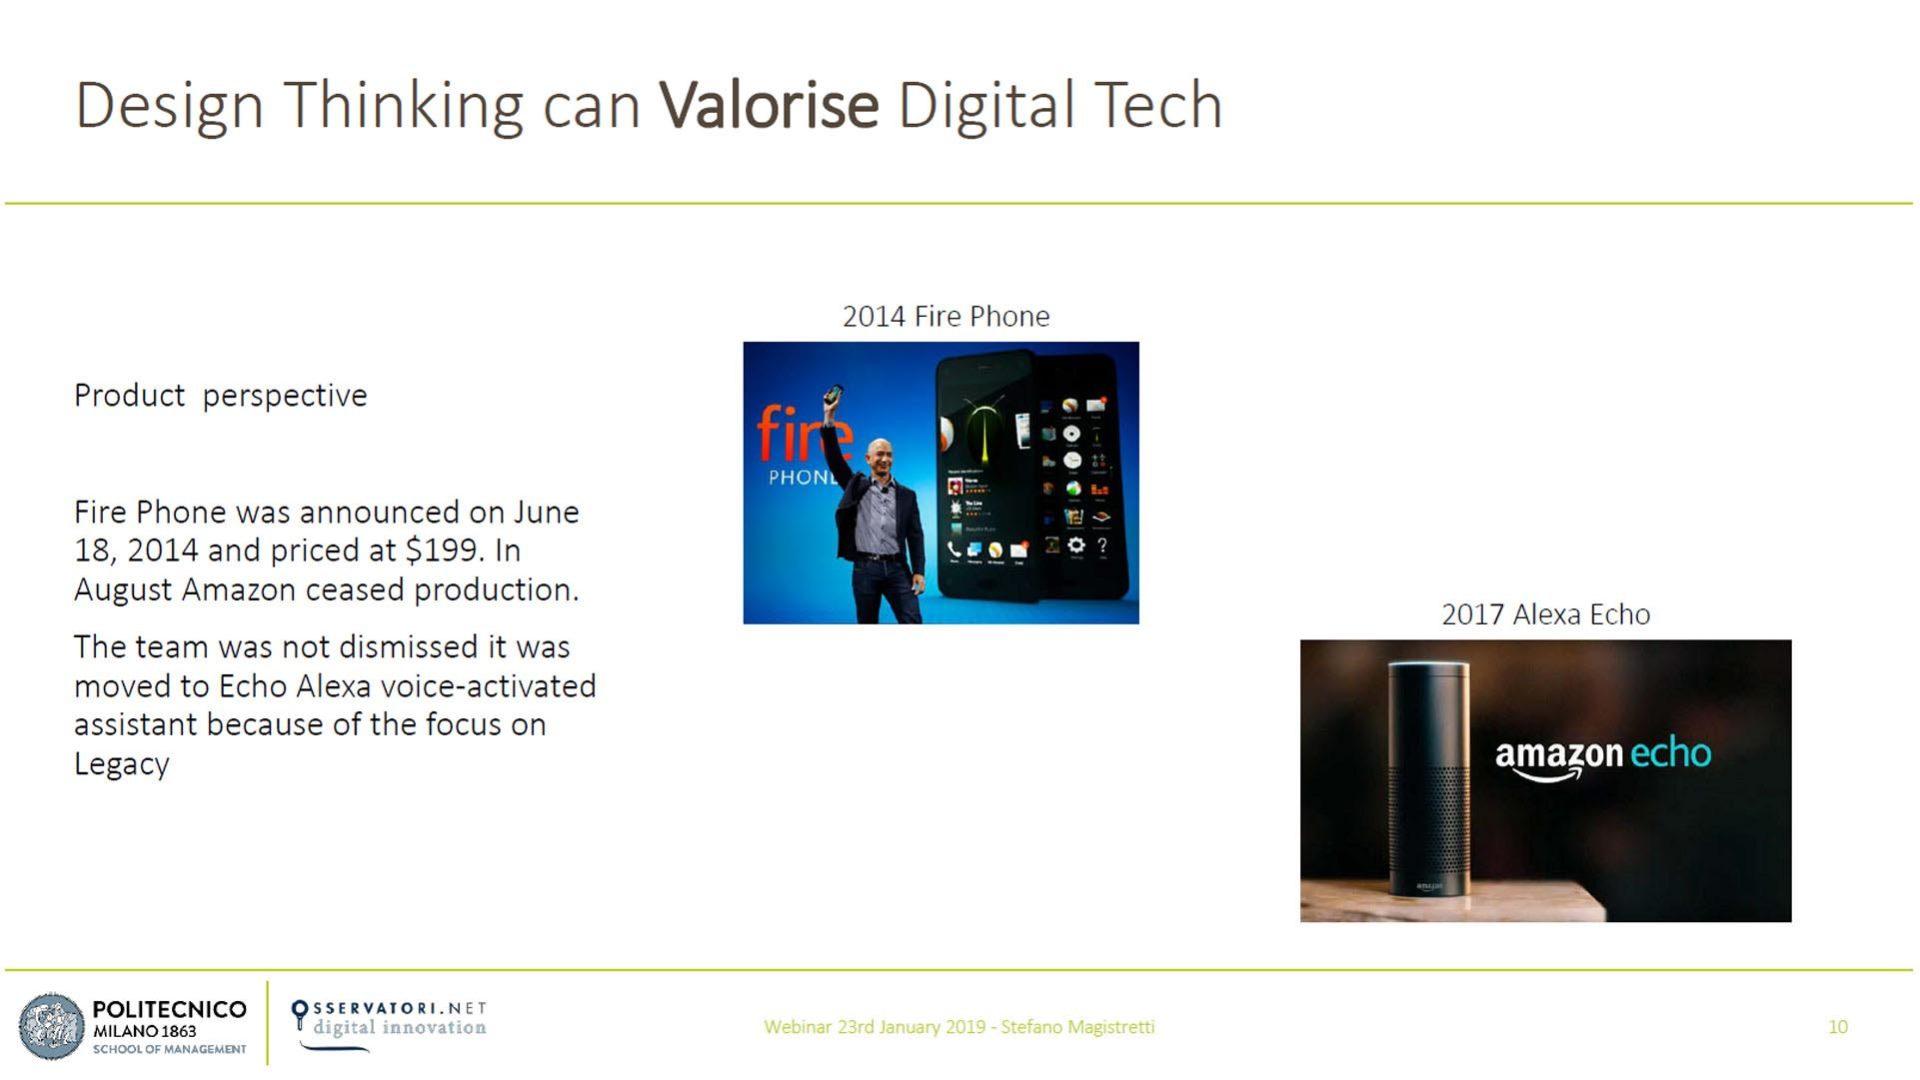 Figura 1 - L'impatto delle tecnologie digitali sul Design Thinking - Fonte: Osservatori Digital Innovation del Politecnico di Milano